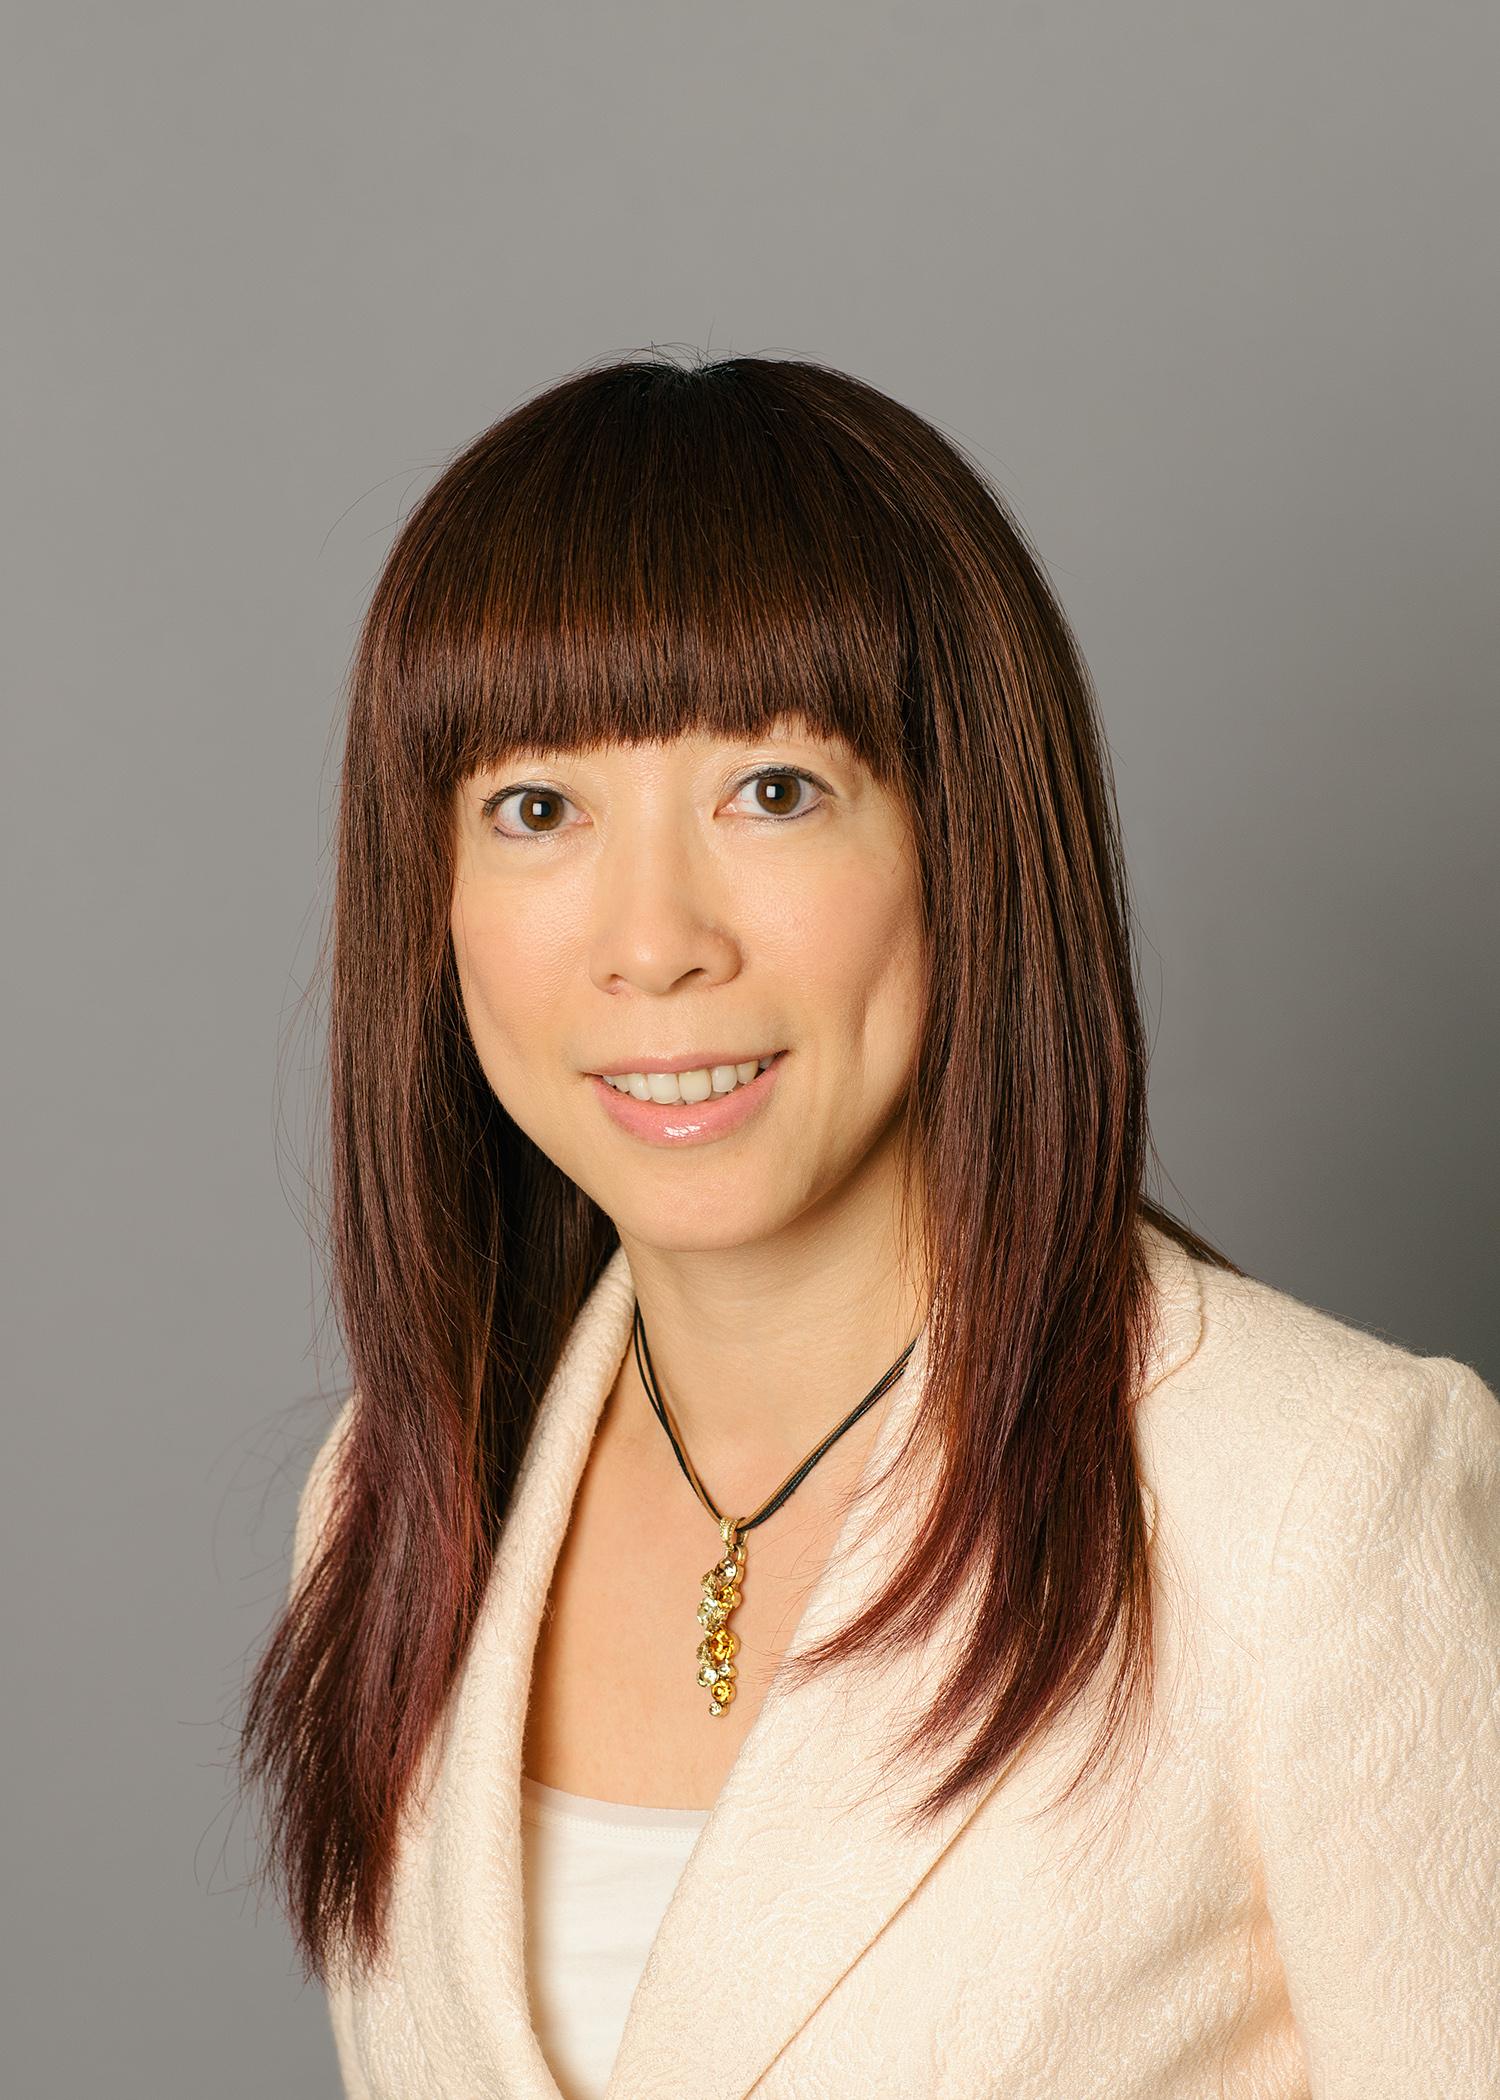 Carol Li Ascot